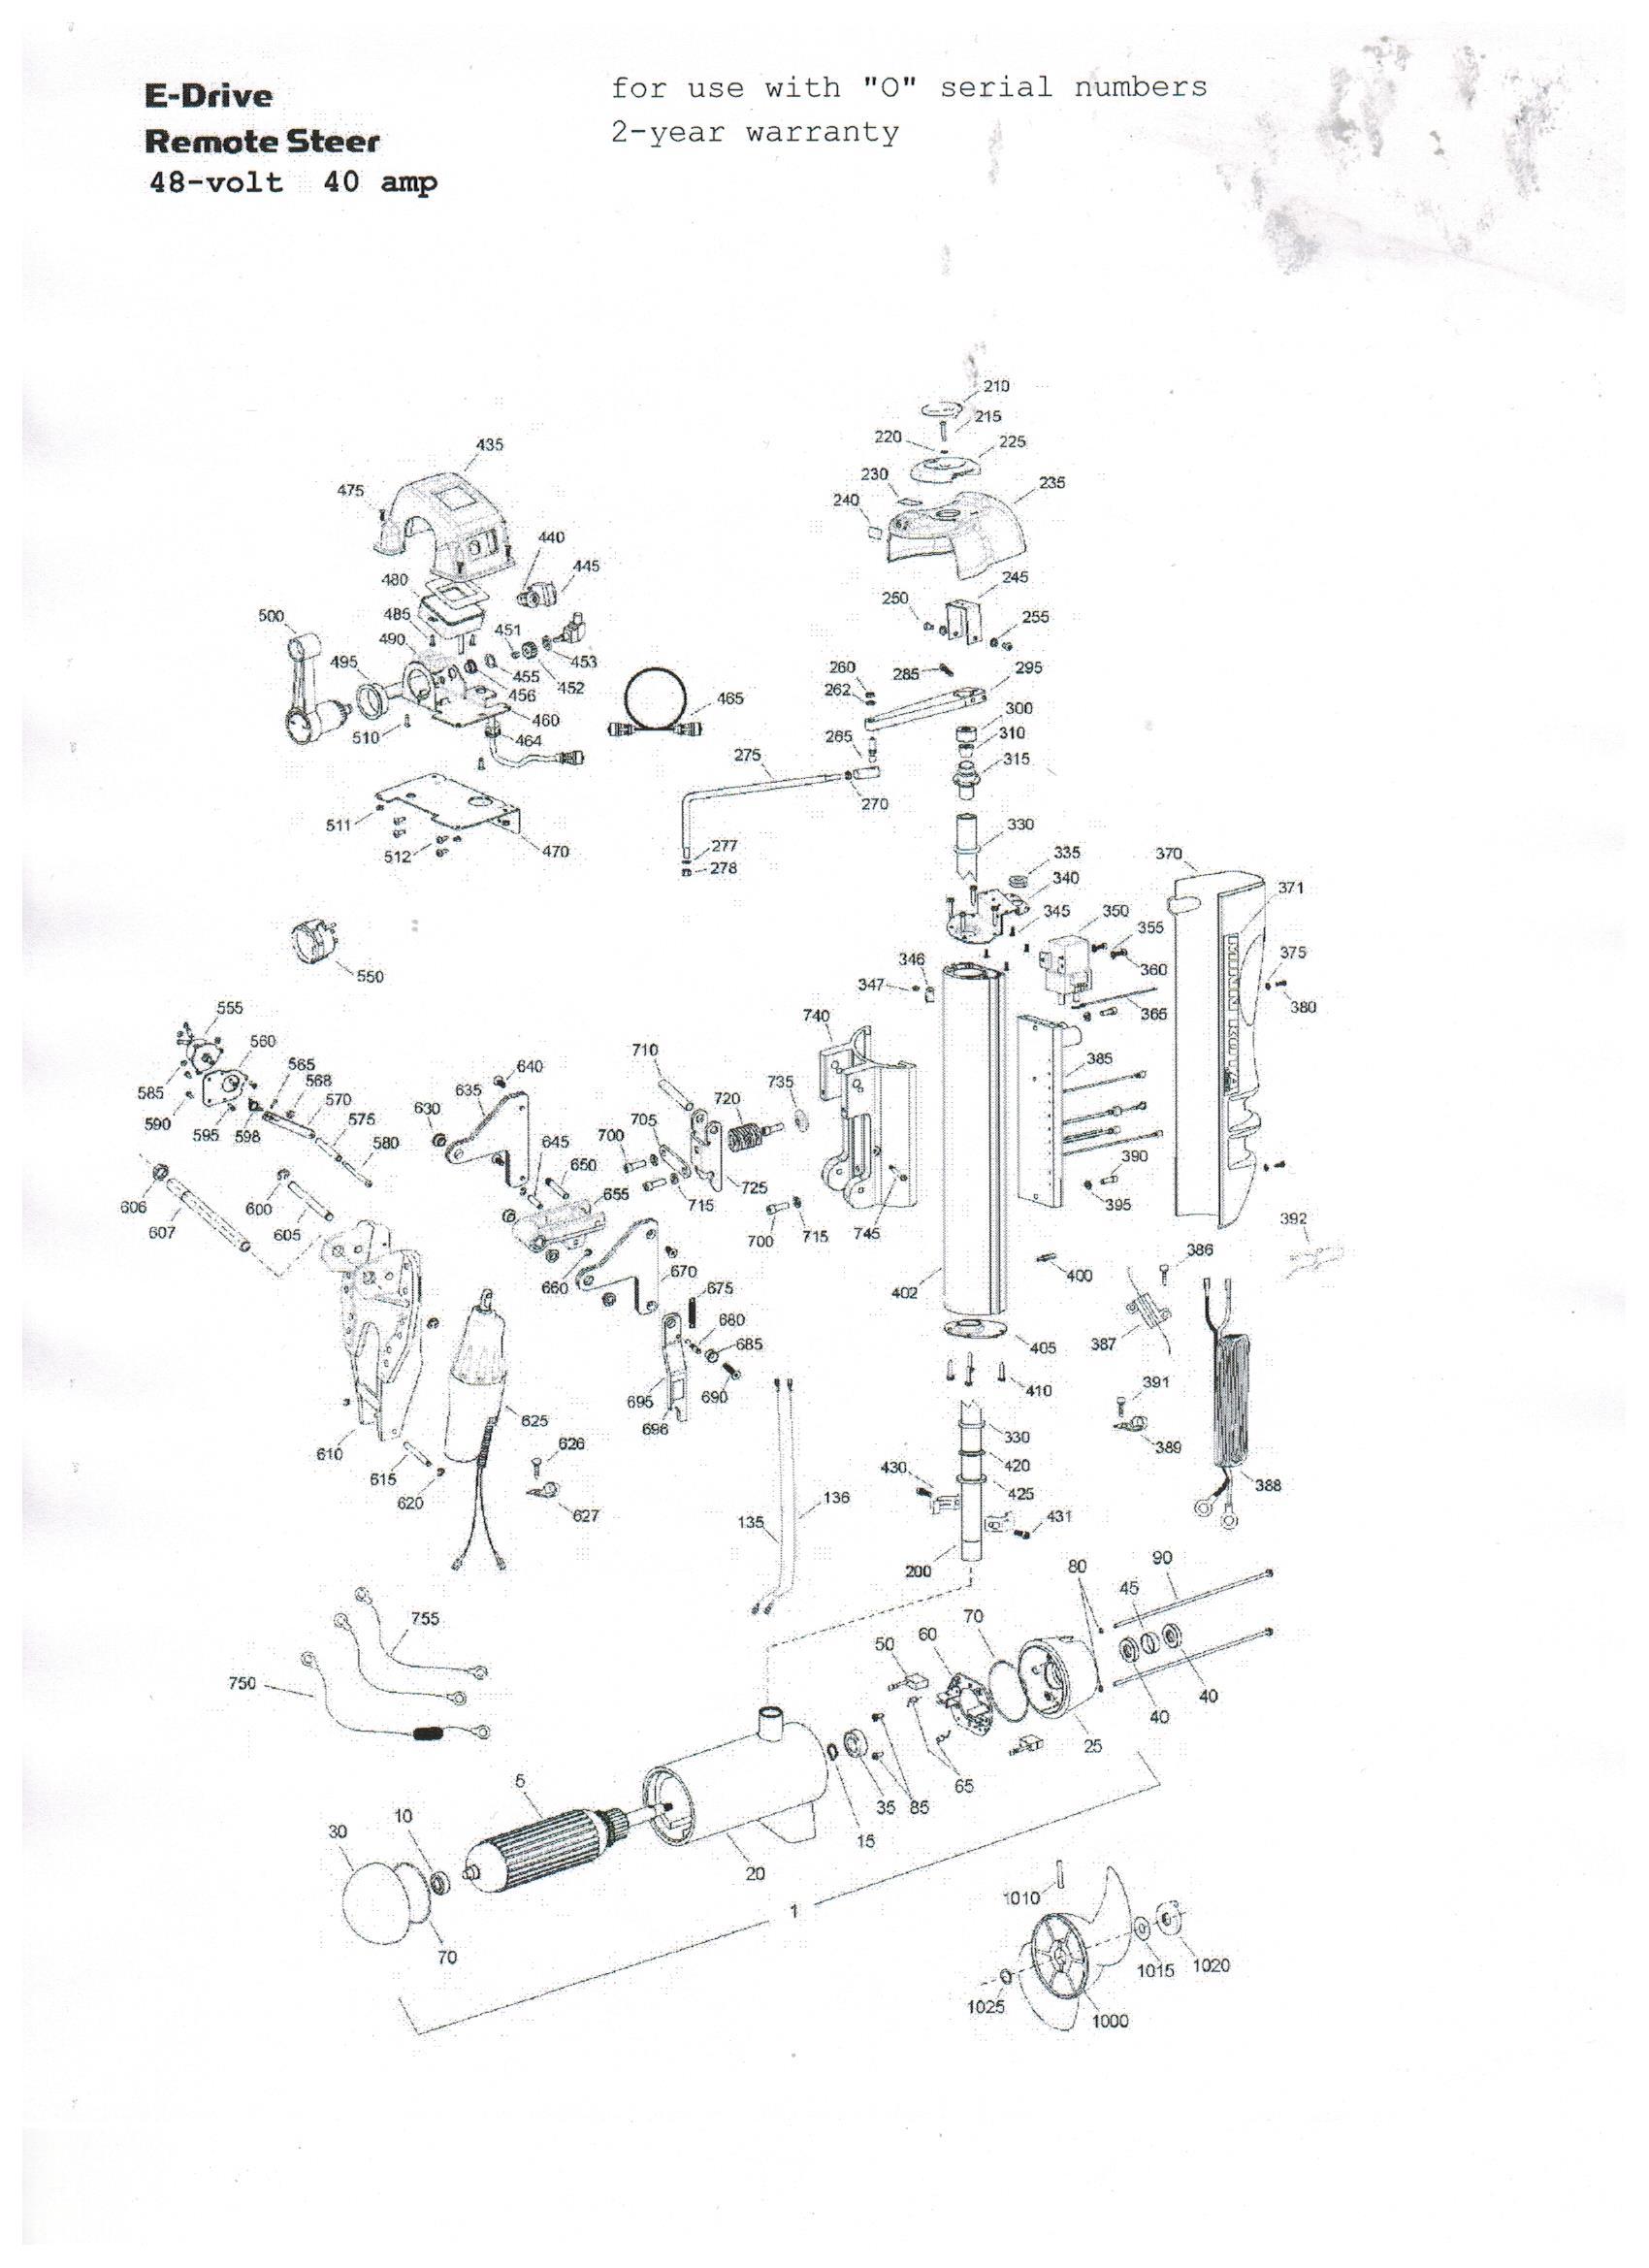 Minn Kota E Drive Parts